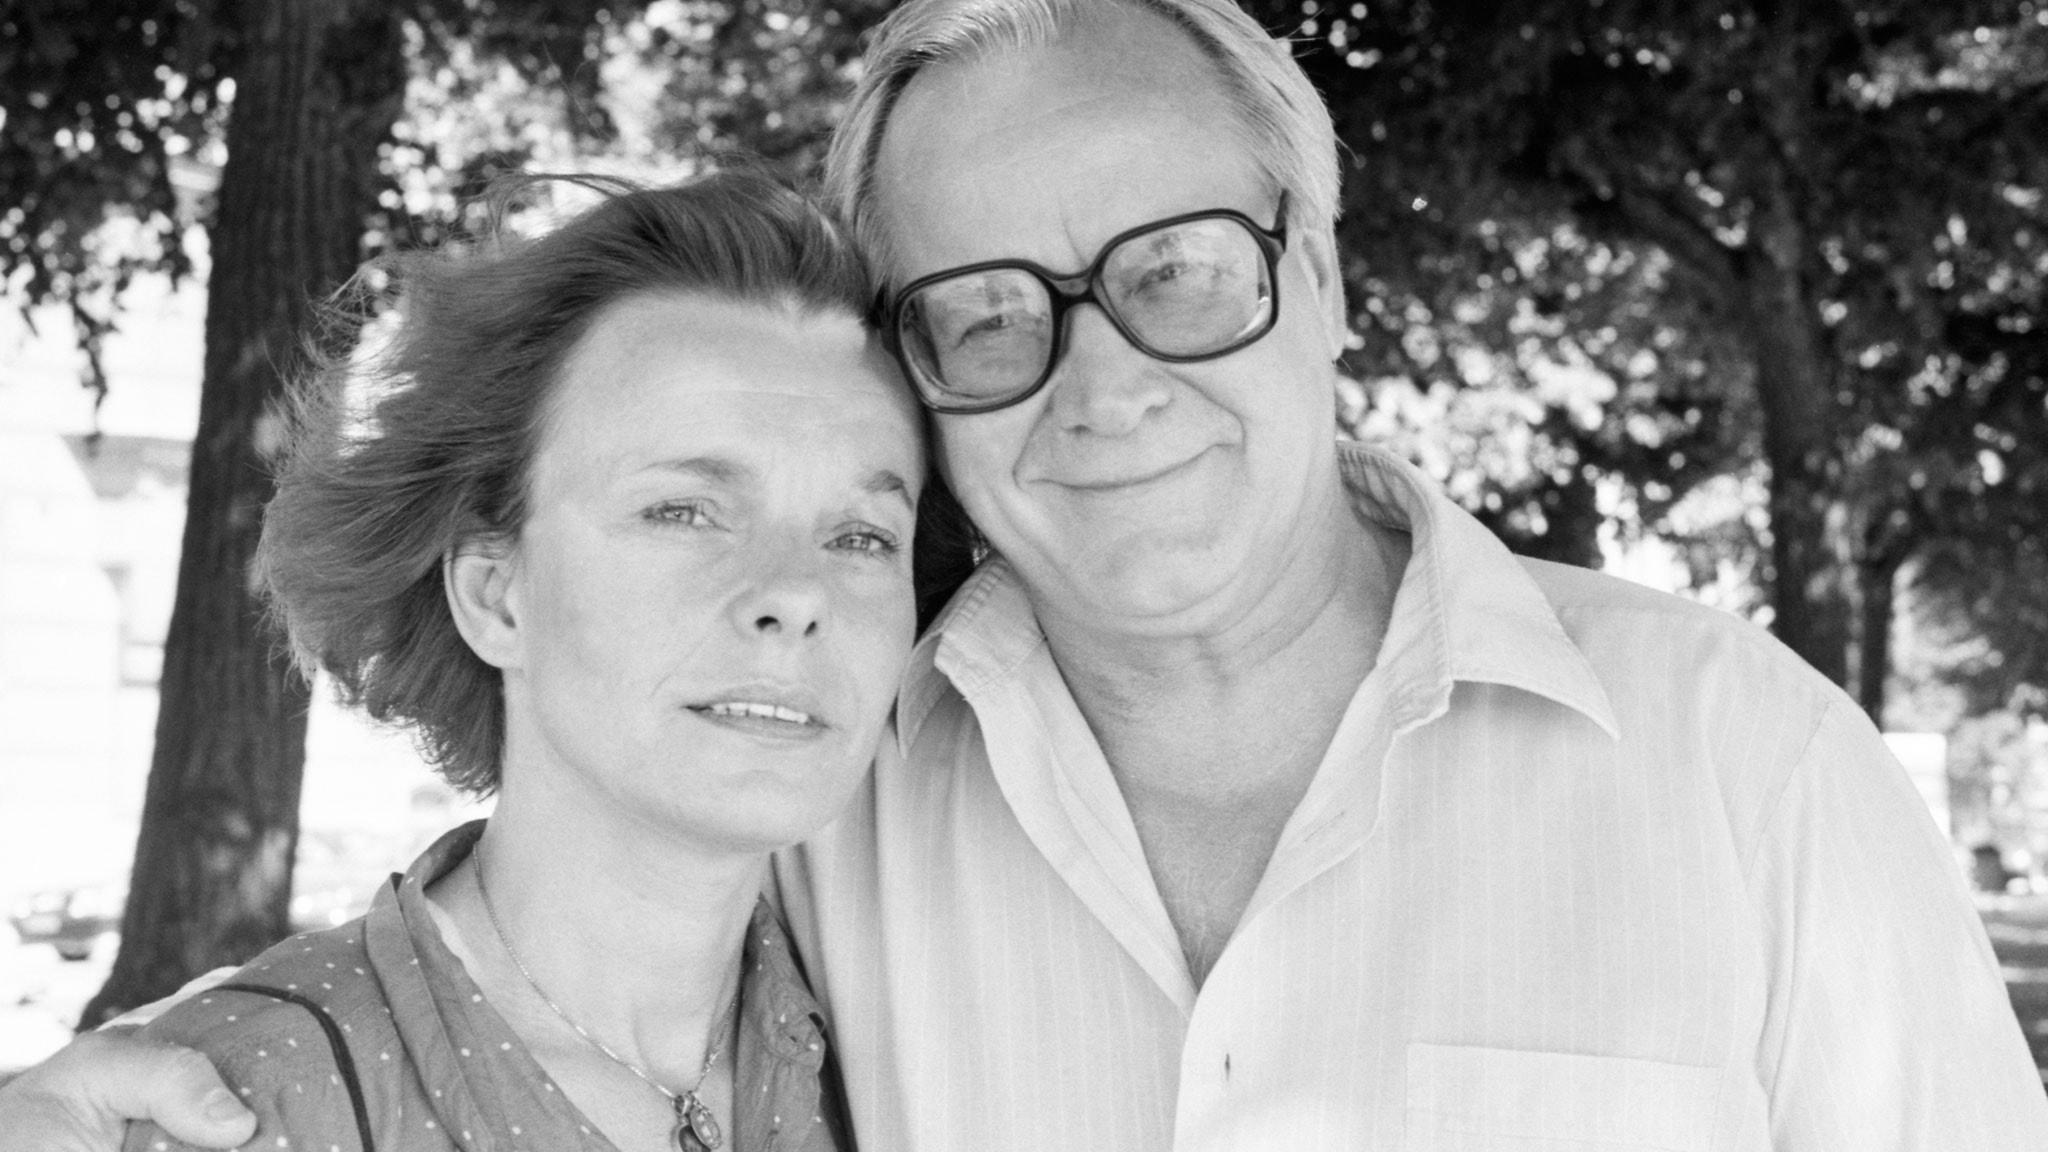 Jan Malmsjö: Marie Göranzon Och Jan Malmsjö 1986 2 Augusti 1986 Kl 13